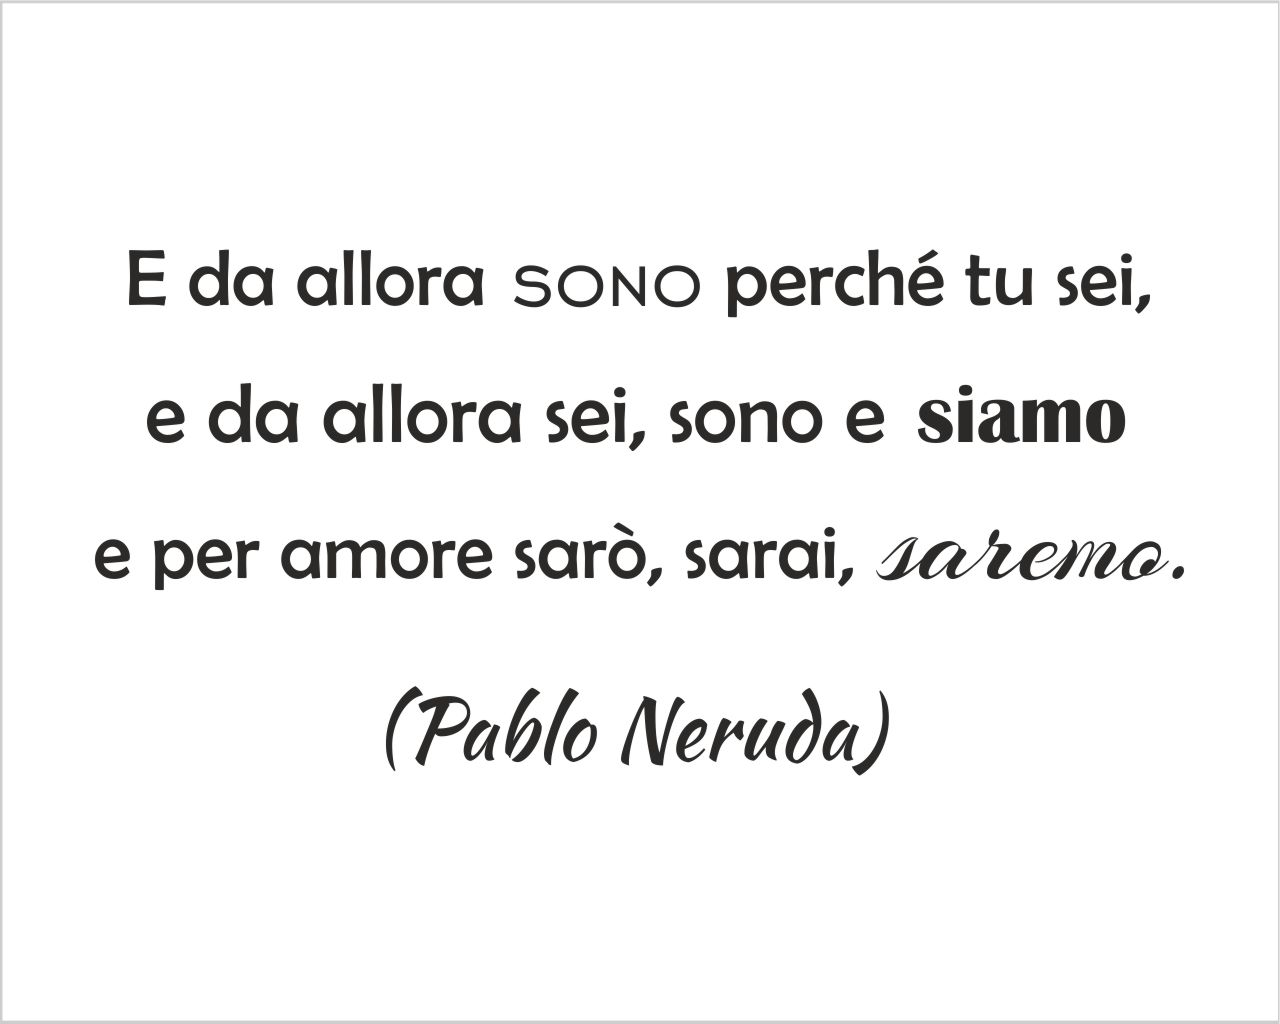 Pablo Neruda Forse Non Essere E Essere Frasi Aforismi